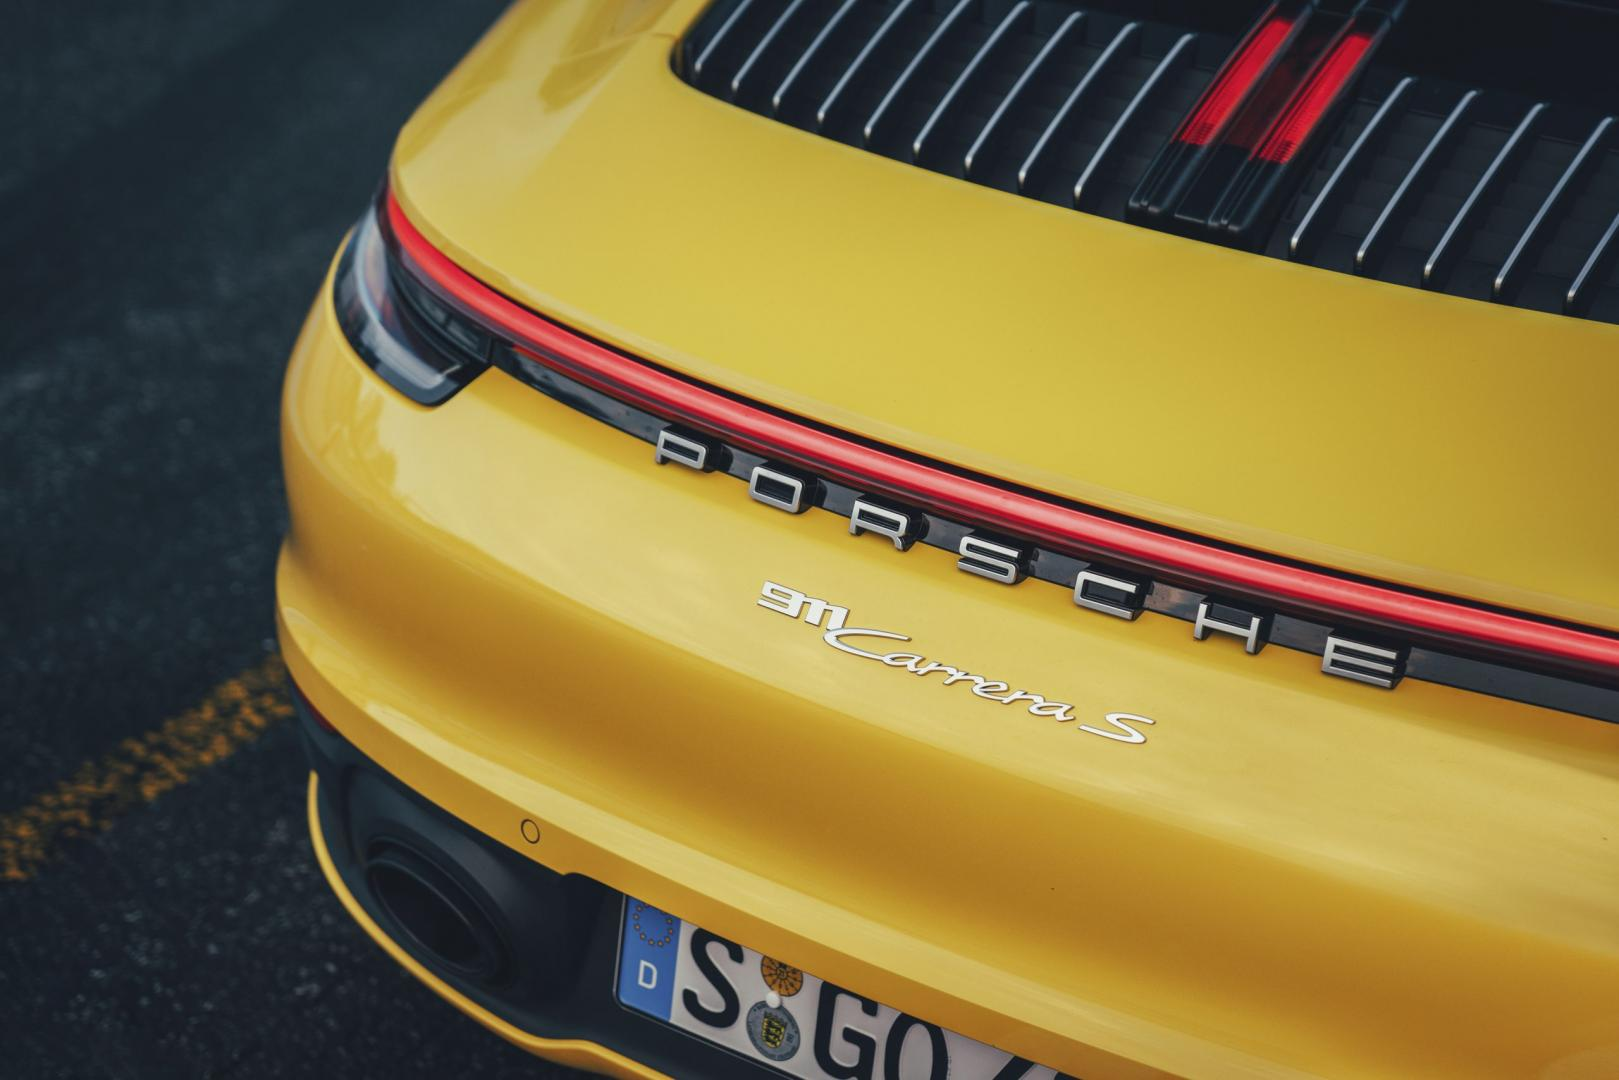 Porsche 911 Carrera S achterlicht